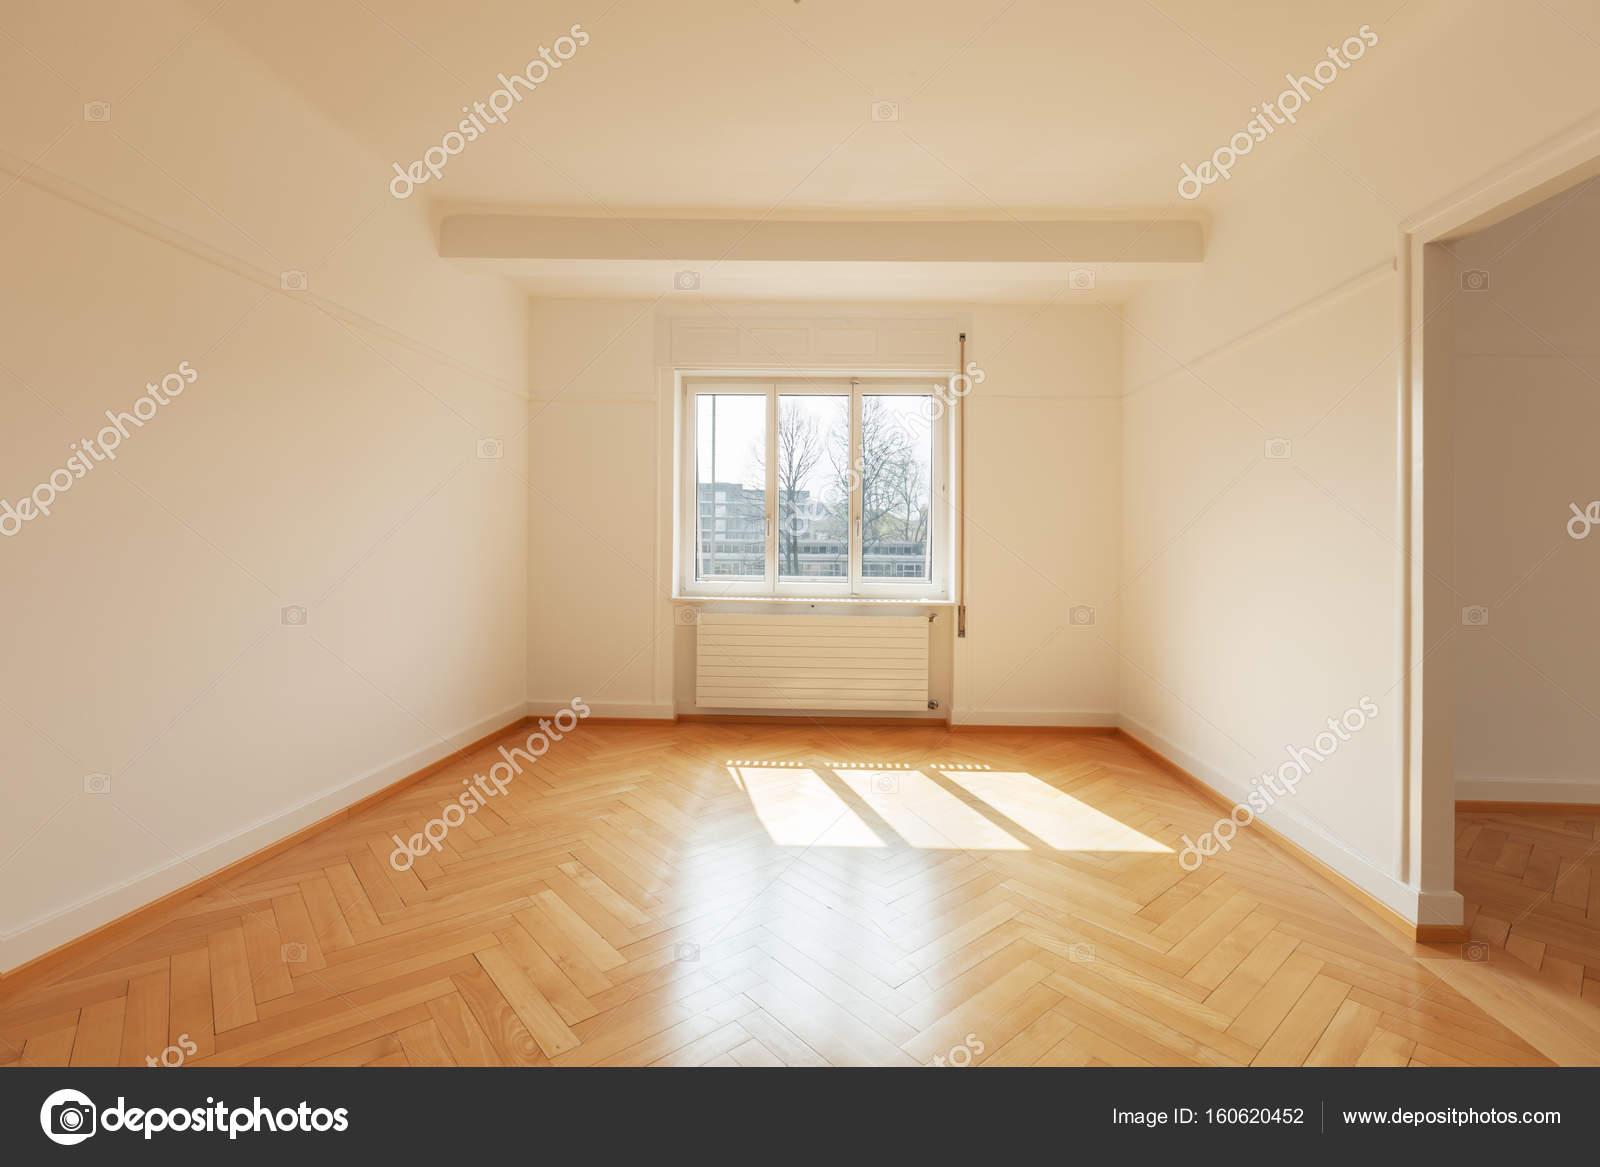 Modernes Zimmer mit Parkettboden — Stockfoto © Zveiger #160620452